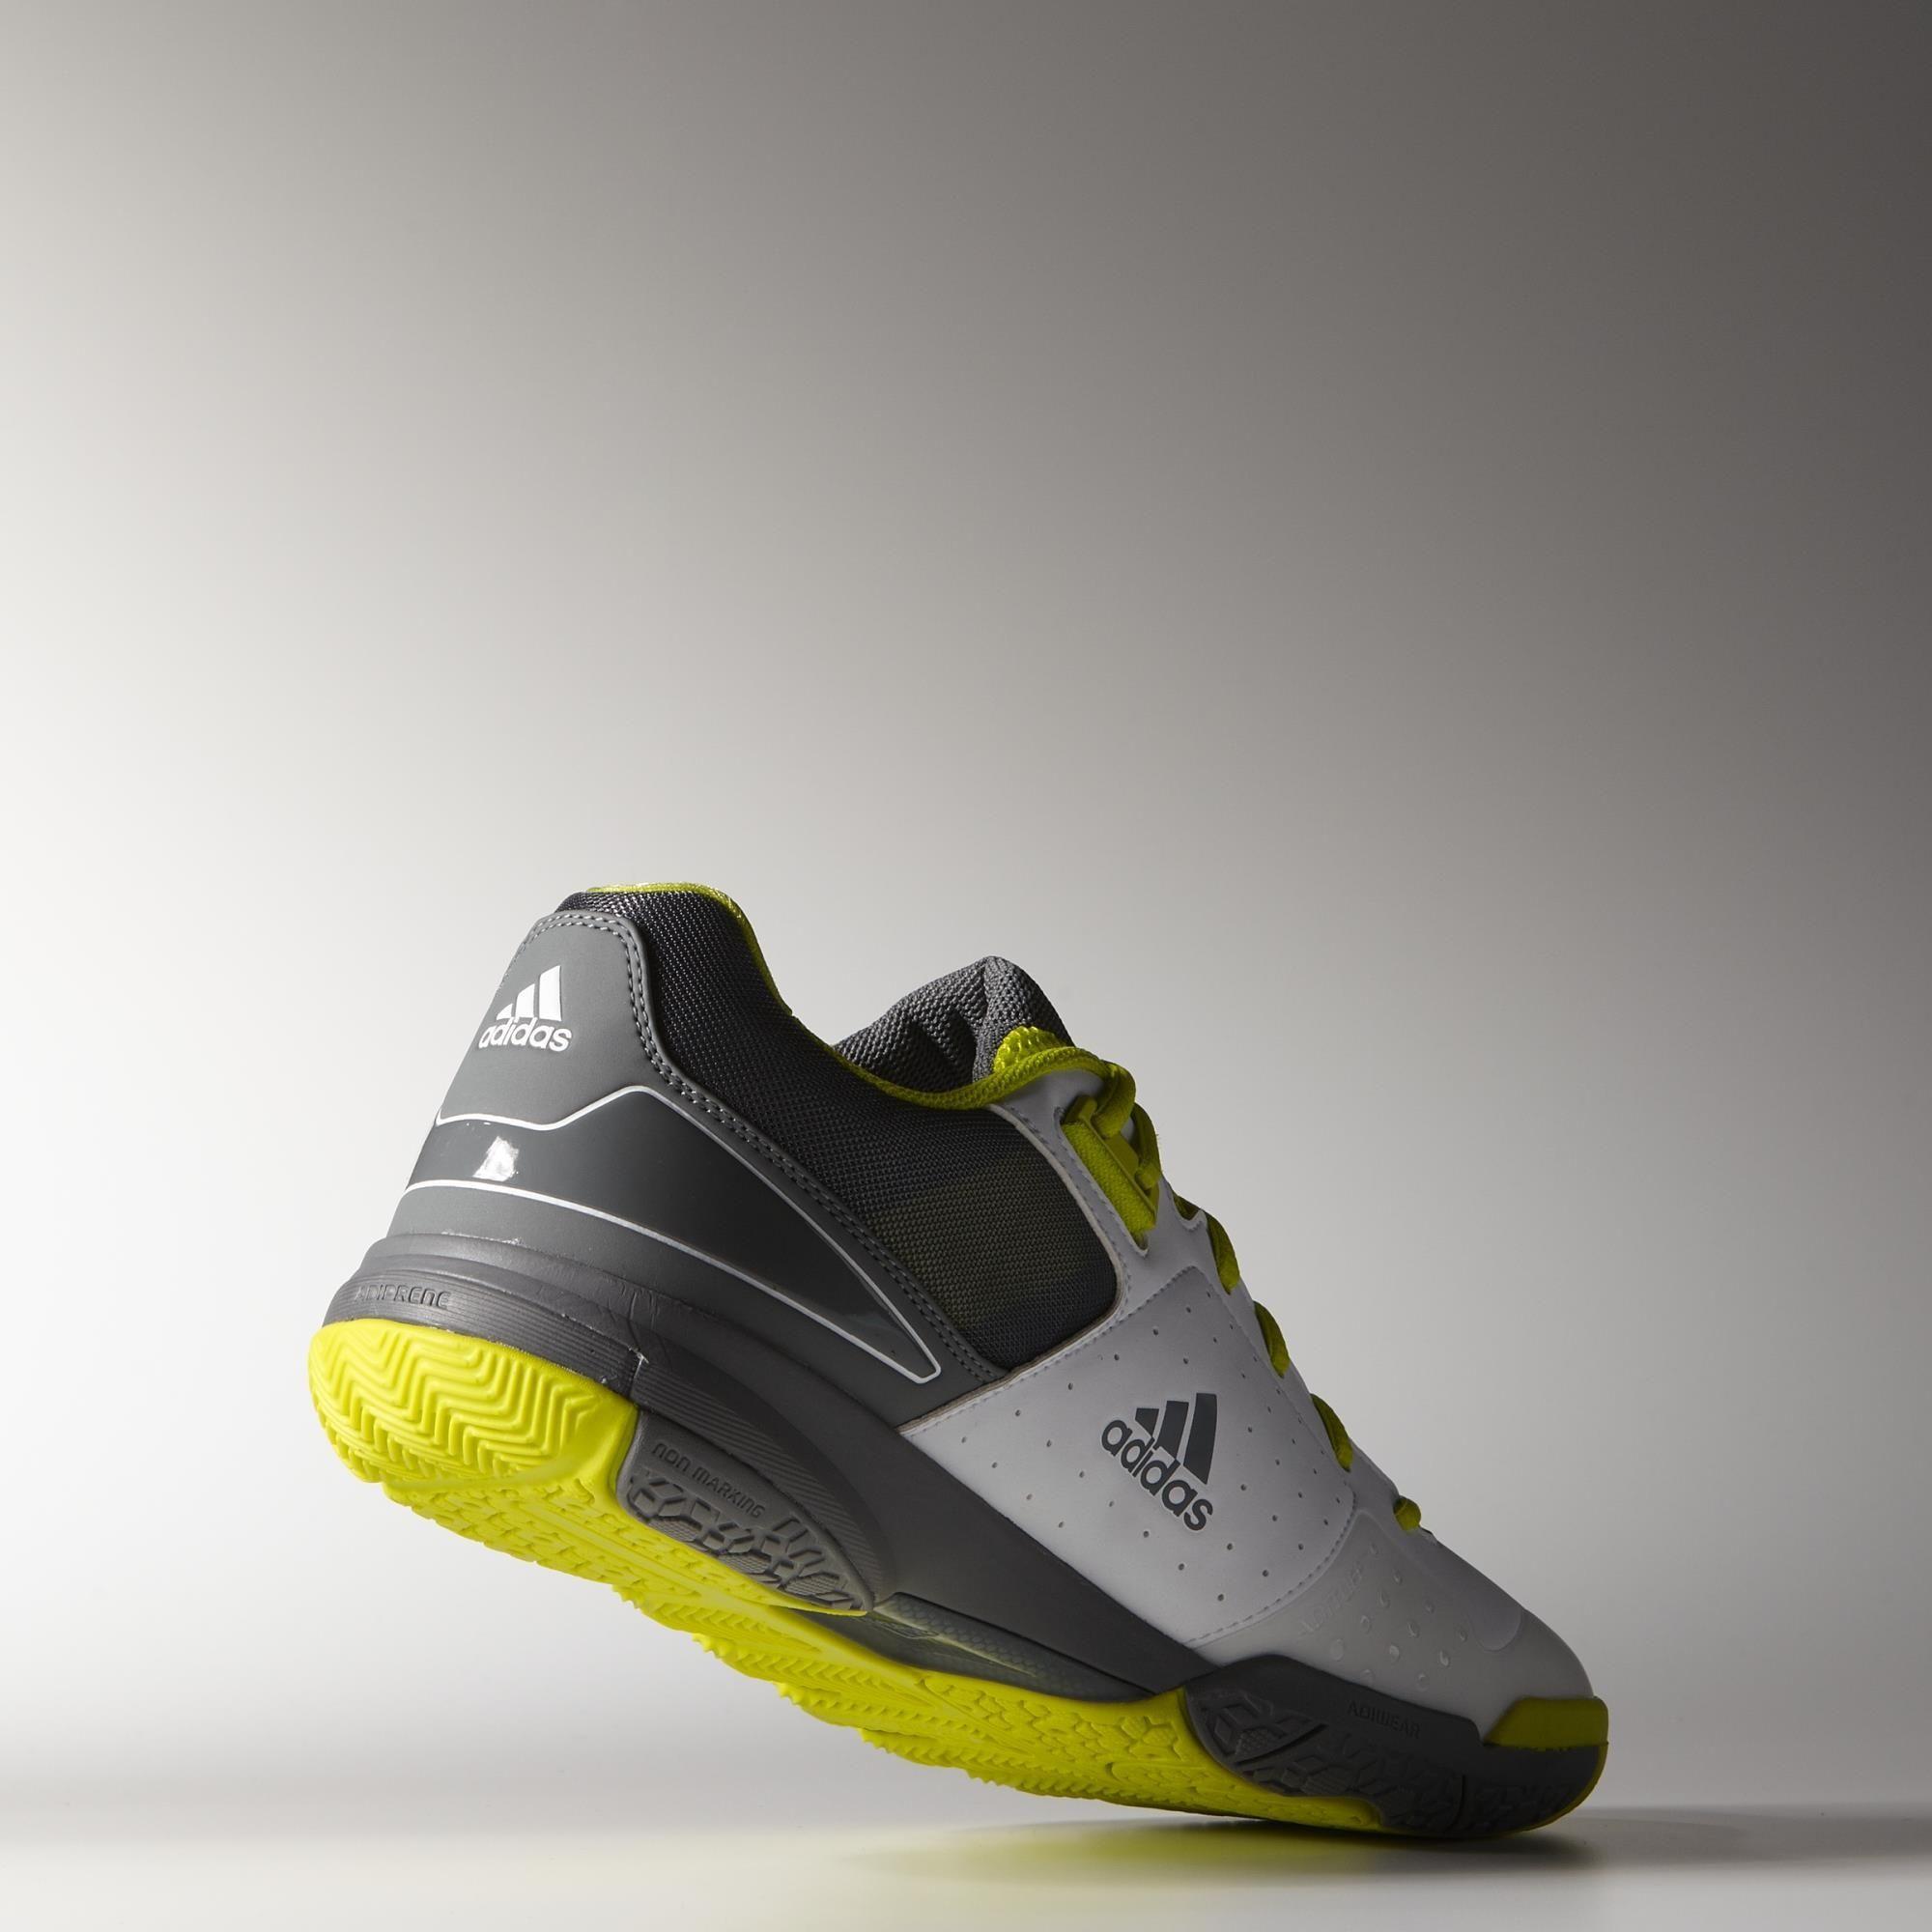 adidas ultra boost 30 multicolor adidas shoes men s badminton